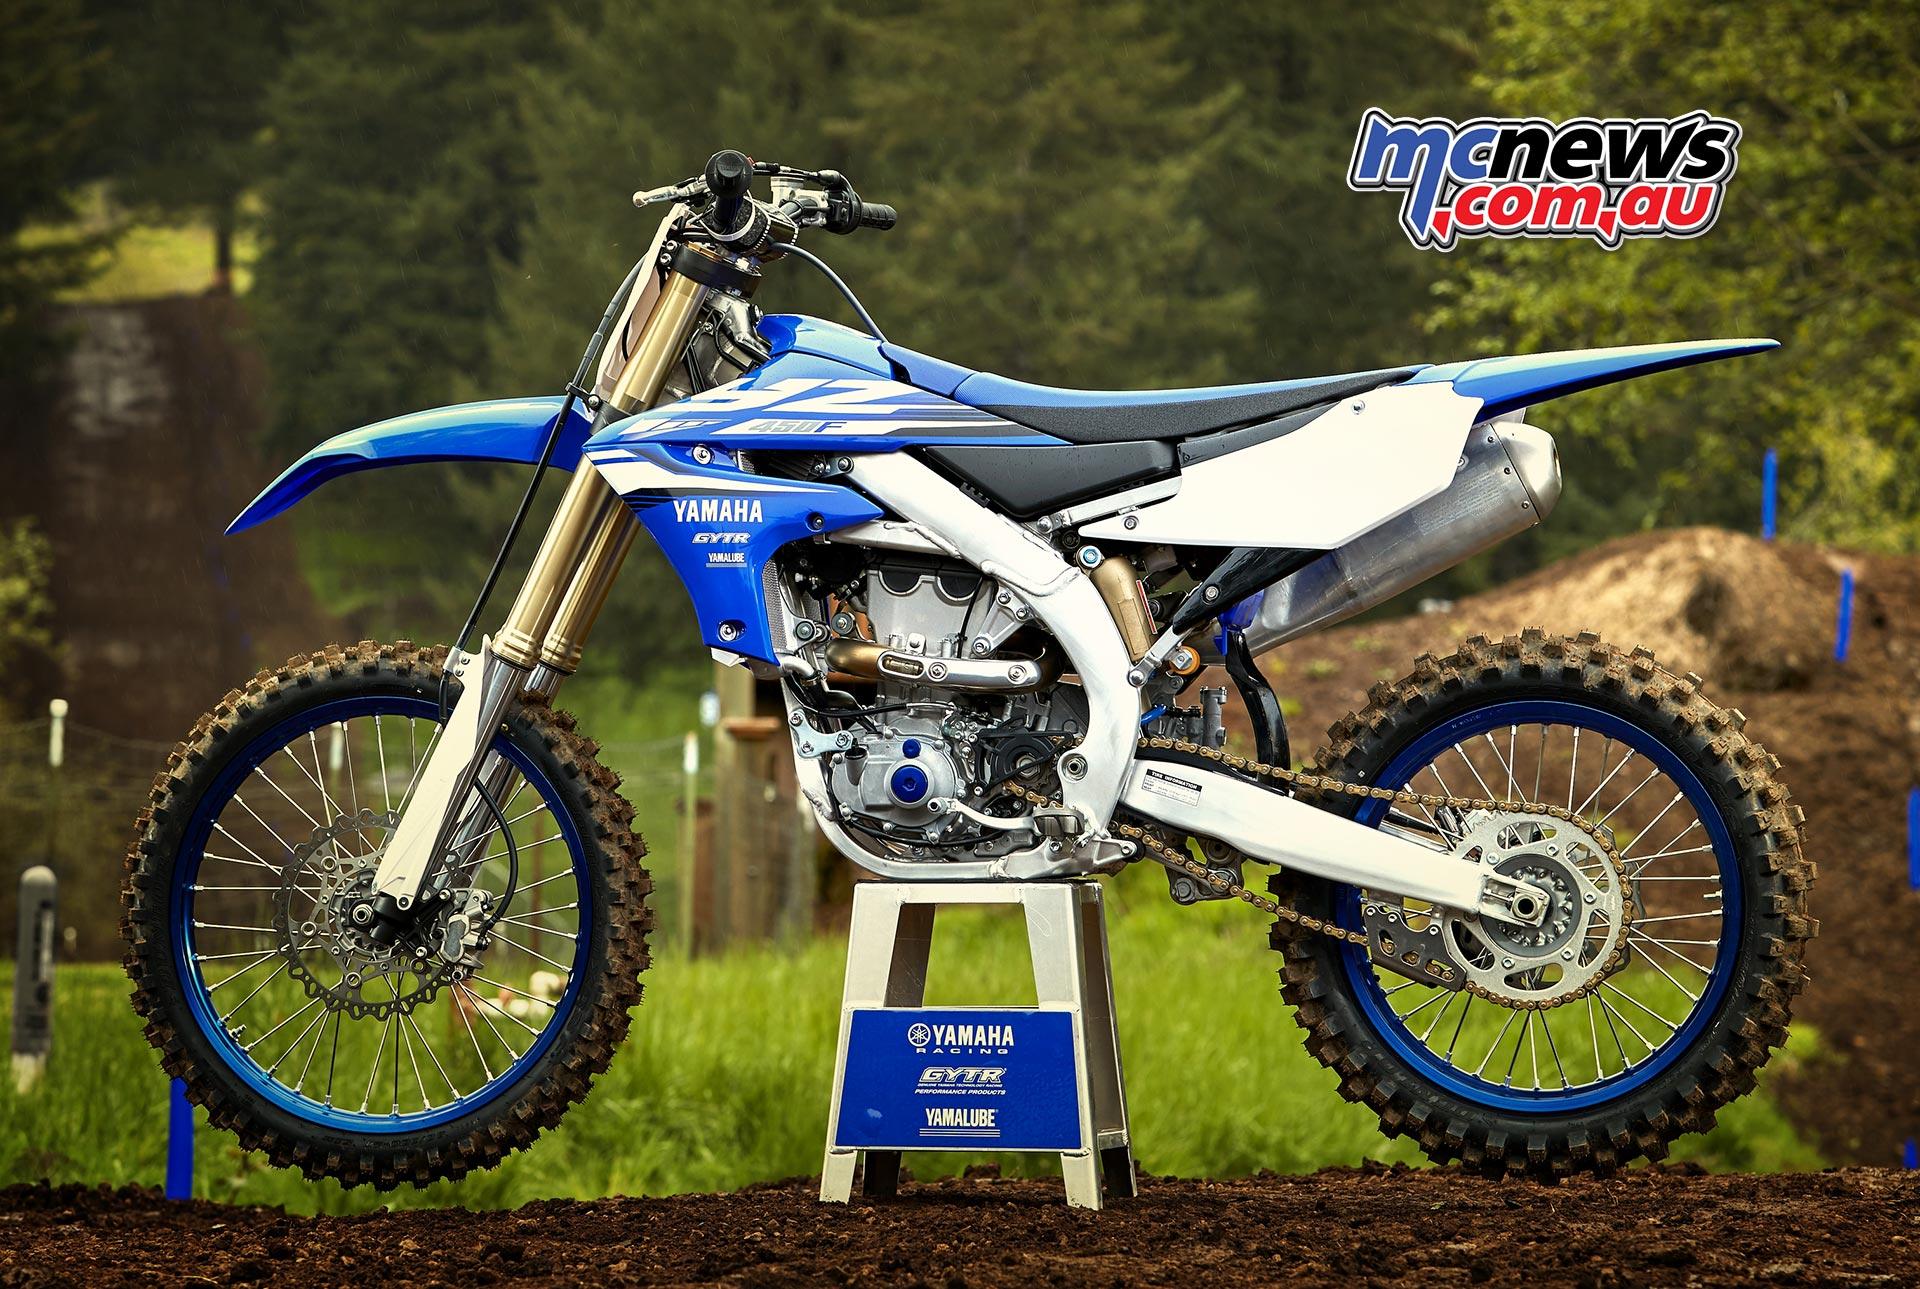 Yamaha YZ 450 F 450 cm³ 2014 - Kemi - Motorcycle - Nettimoto